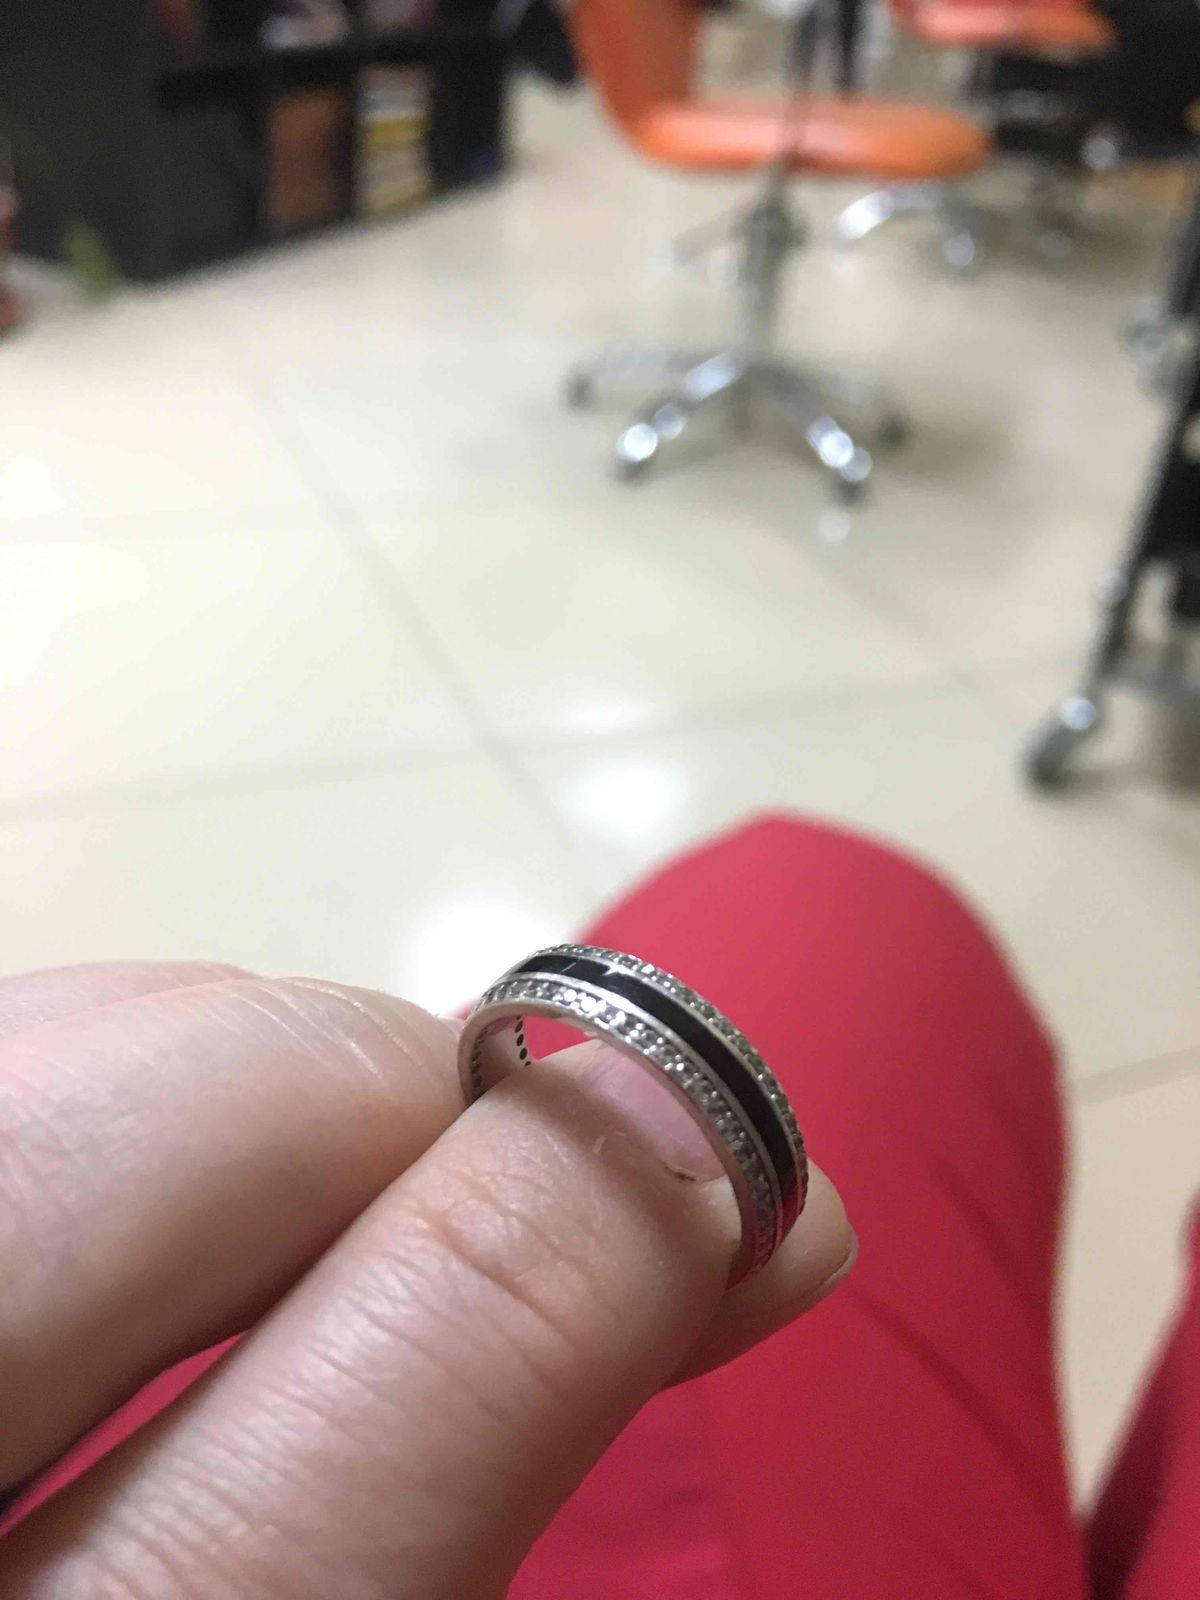 Мое серебрянное колечко,с черной вставкой и мелкими бриллиантиками или фион